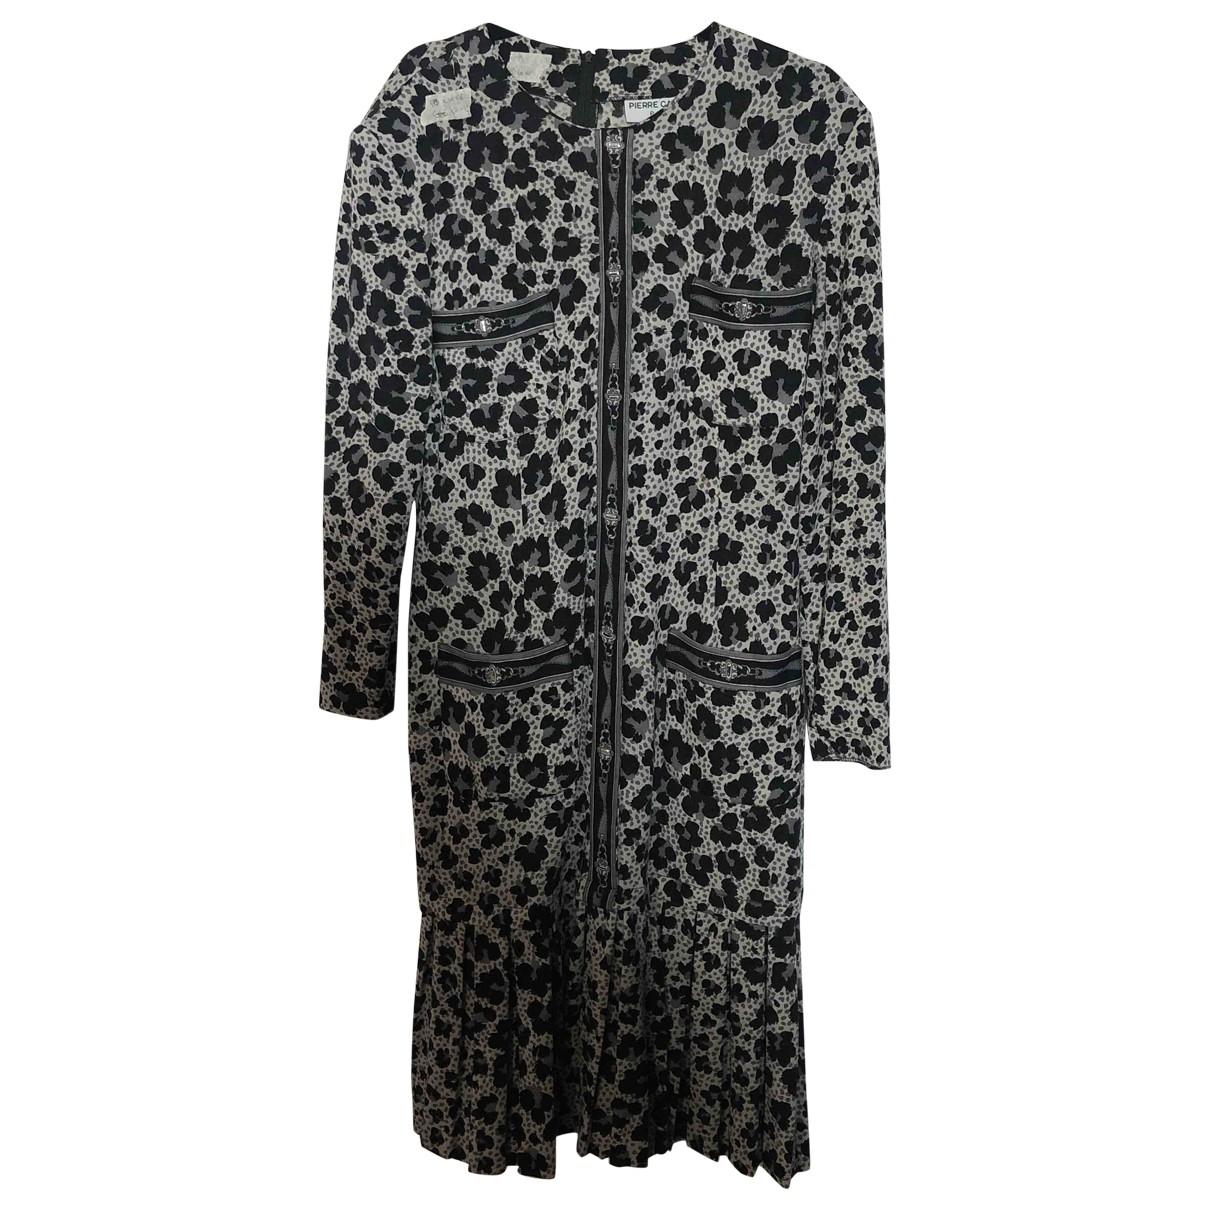 Pierre Cardin - Robe   pour femme en coton - elasthane - multicolore